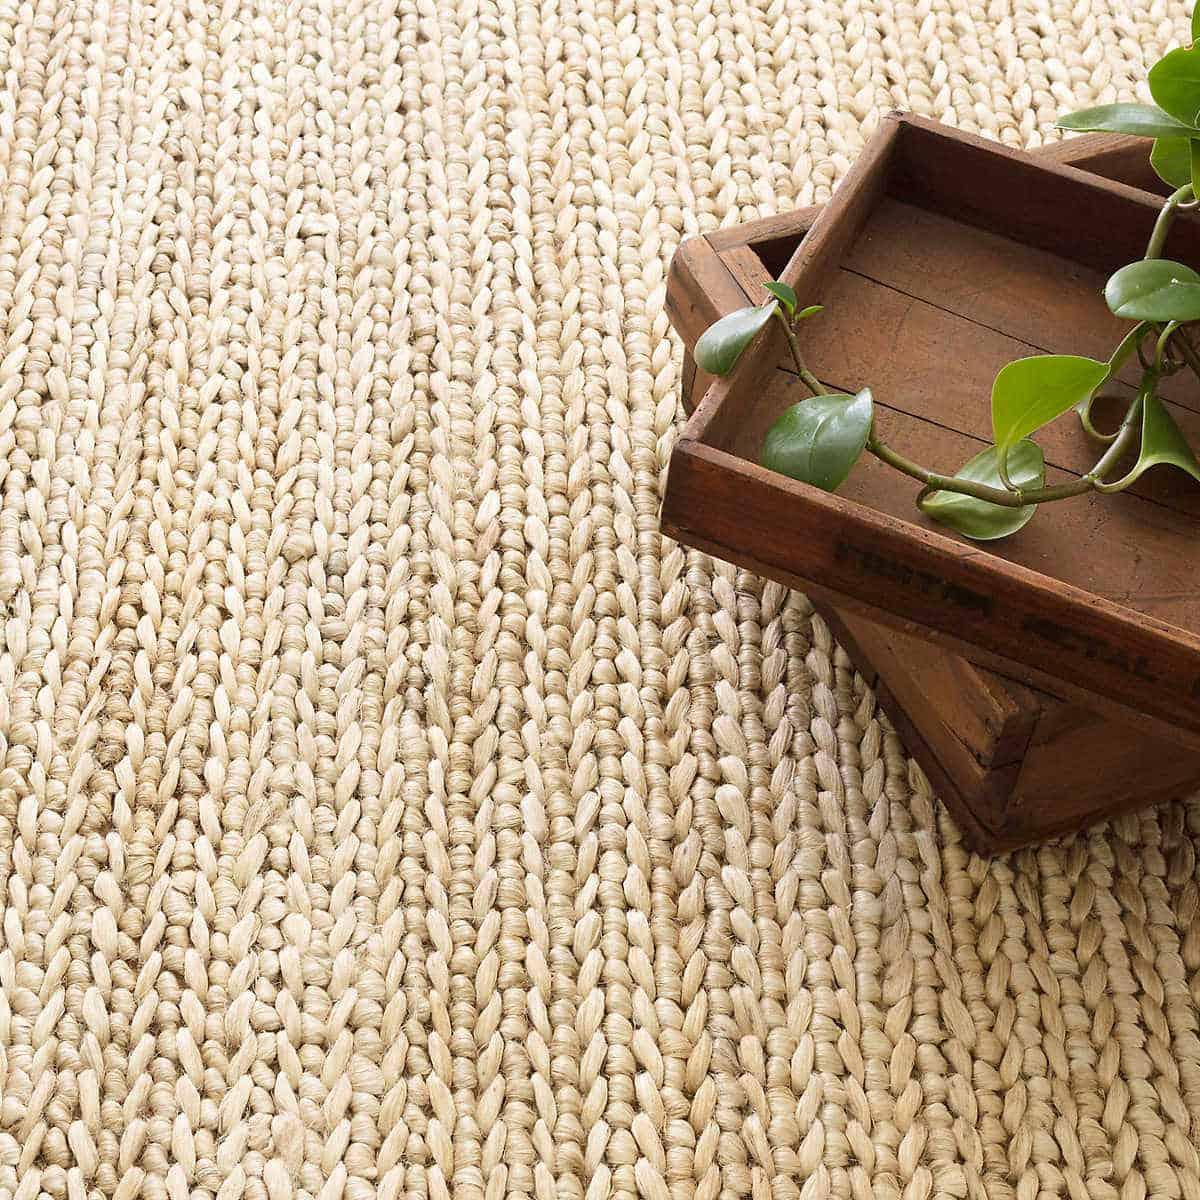 Jute fiber outdoor rug